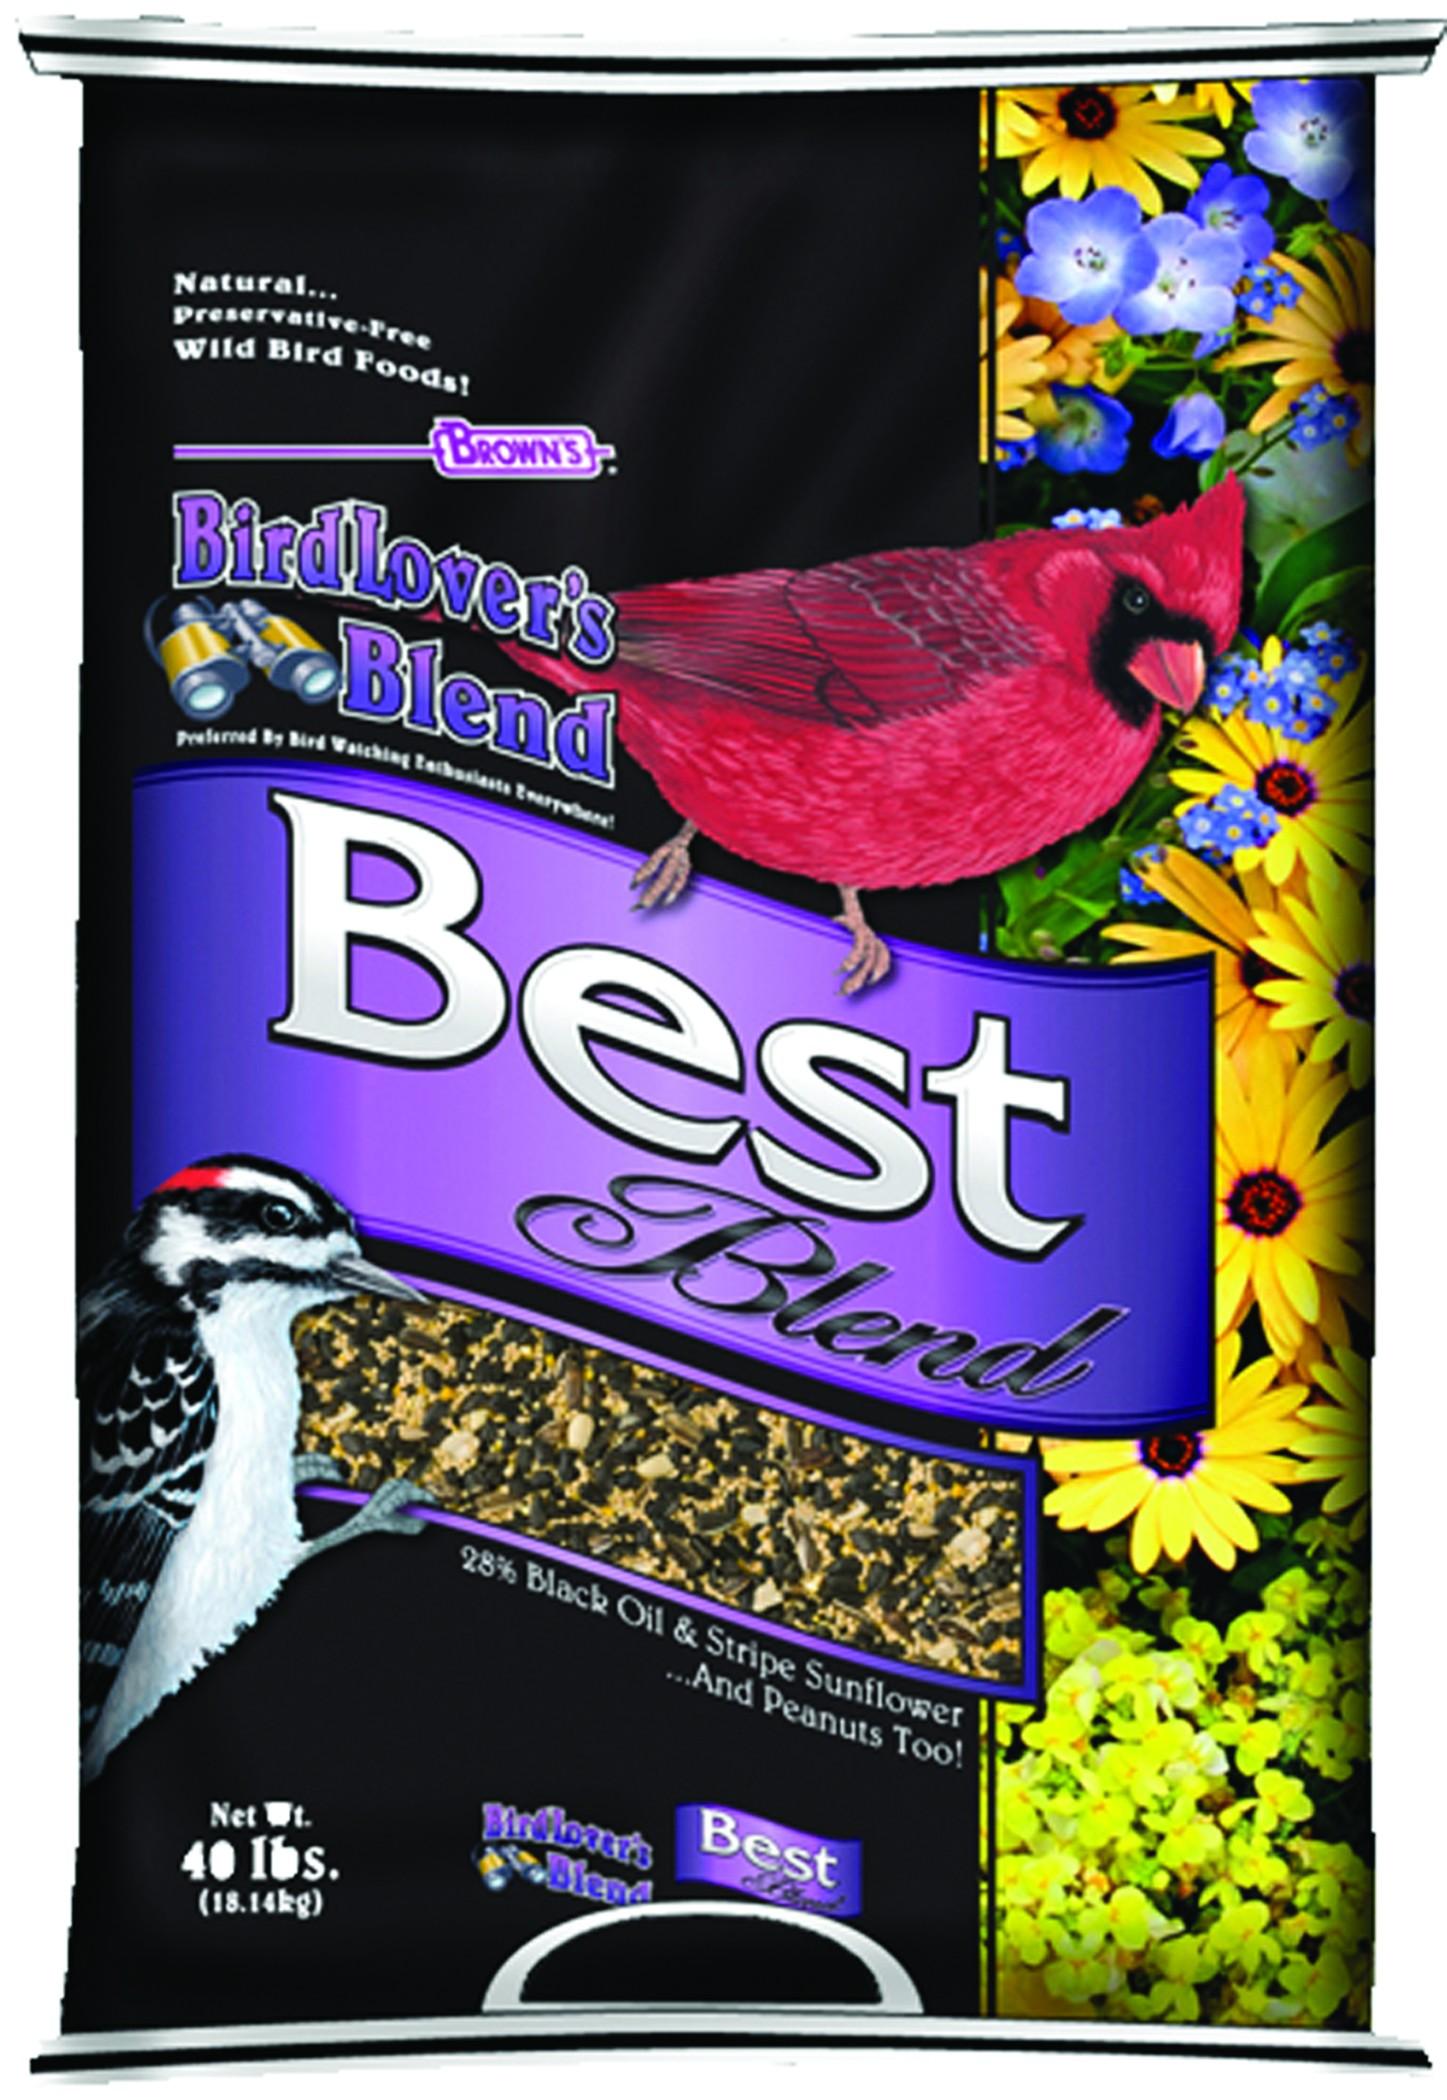 BIRD LOVERS BLEND BEST BLEND